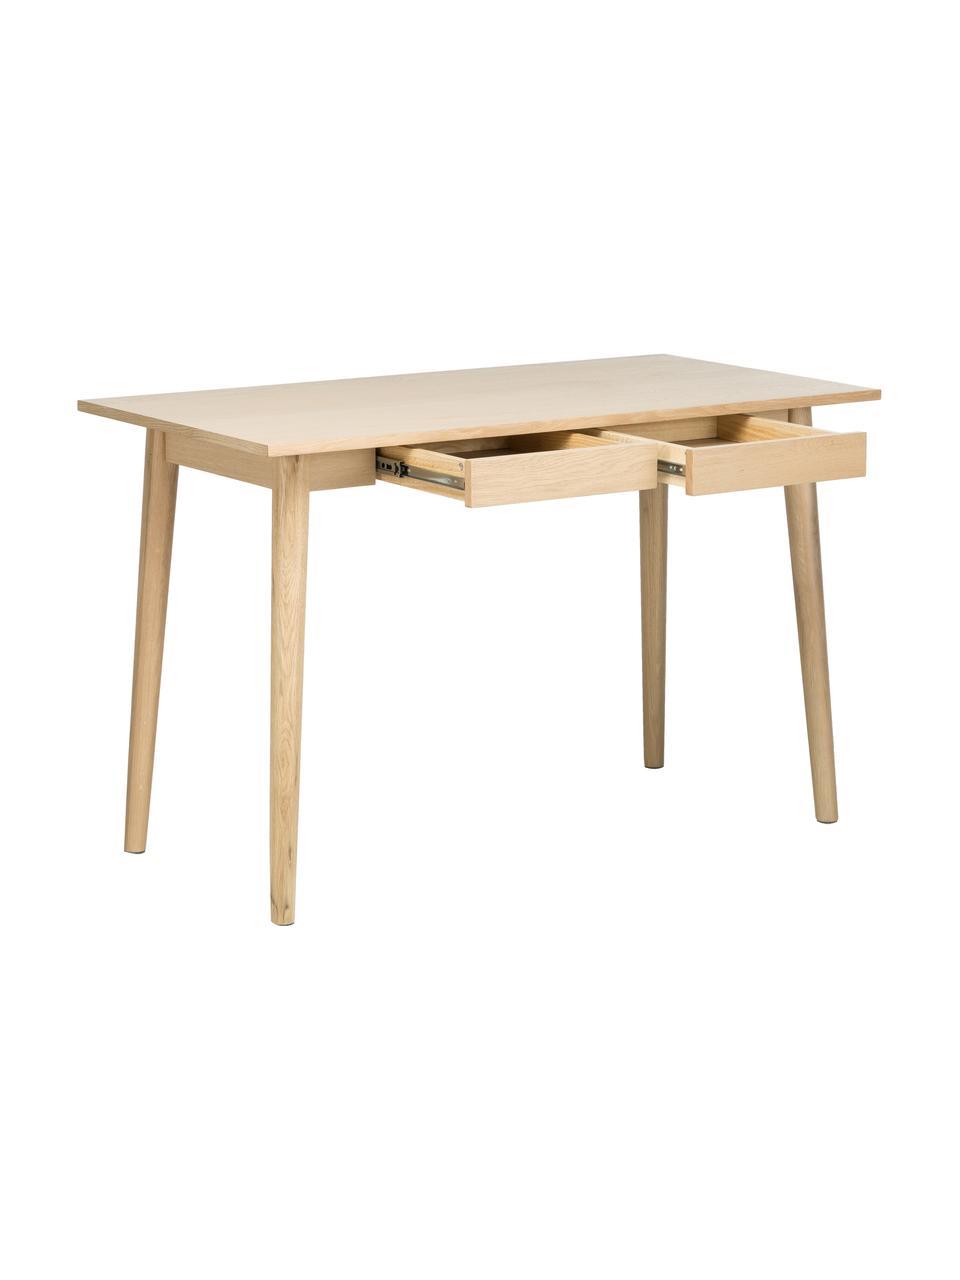 Scrivania in legno di quercia con cassetti Marte, Piano d'appoggio: pannello di fibra a media, Legno di quercia, Larg. 120 x Prof. 60 cm